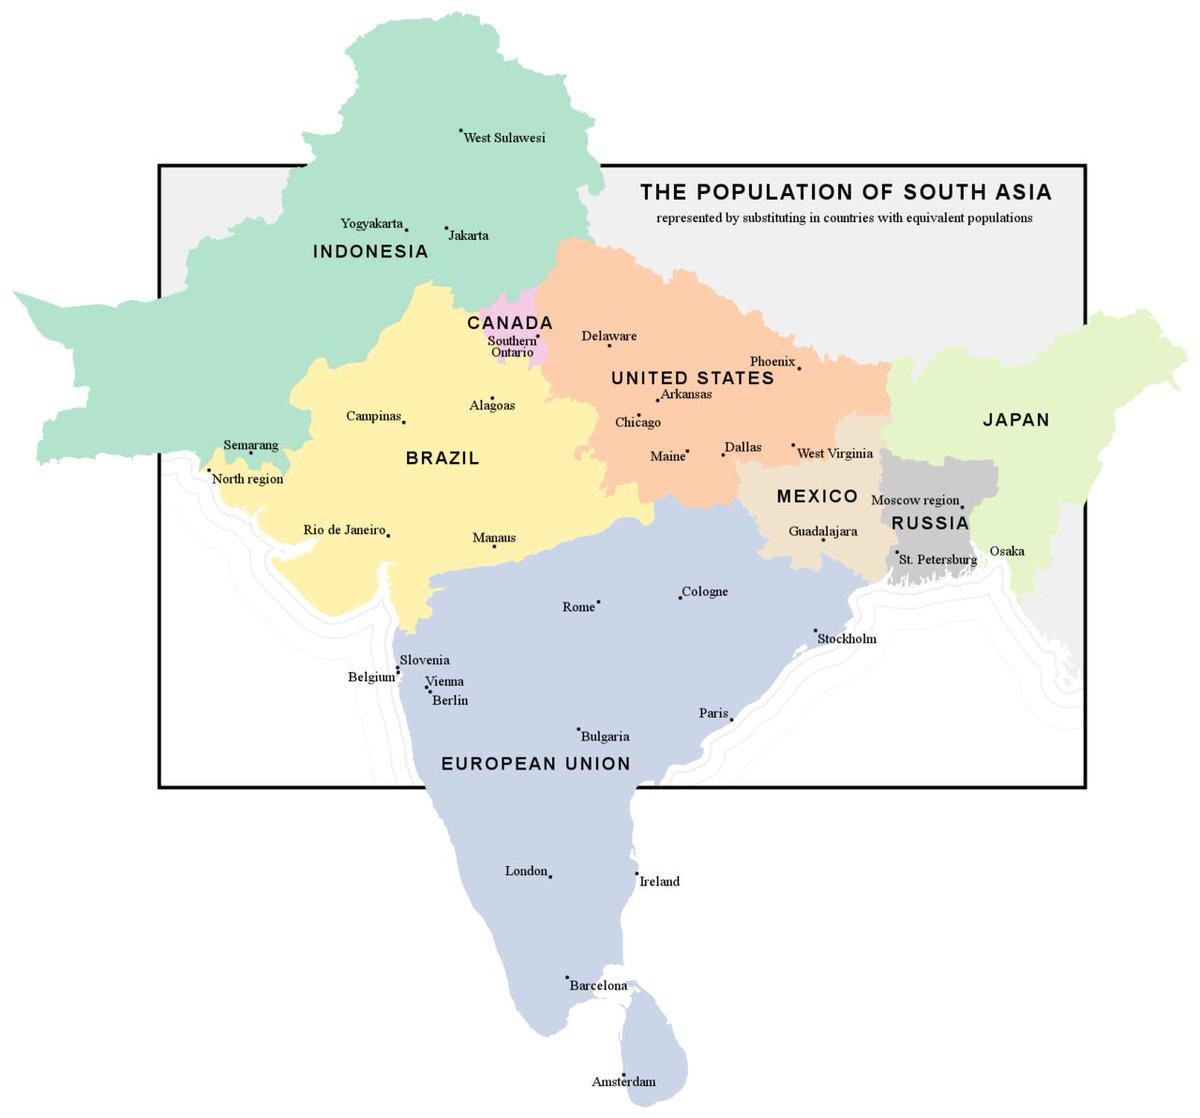 Mapa De La India En El Mundo.La India No Es Un Continente Es Mucho Mas Que Eso Electomania